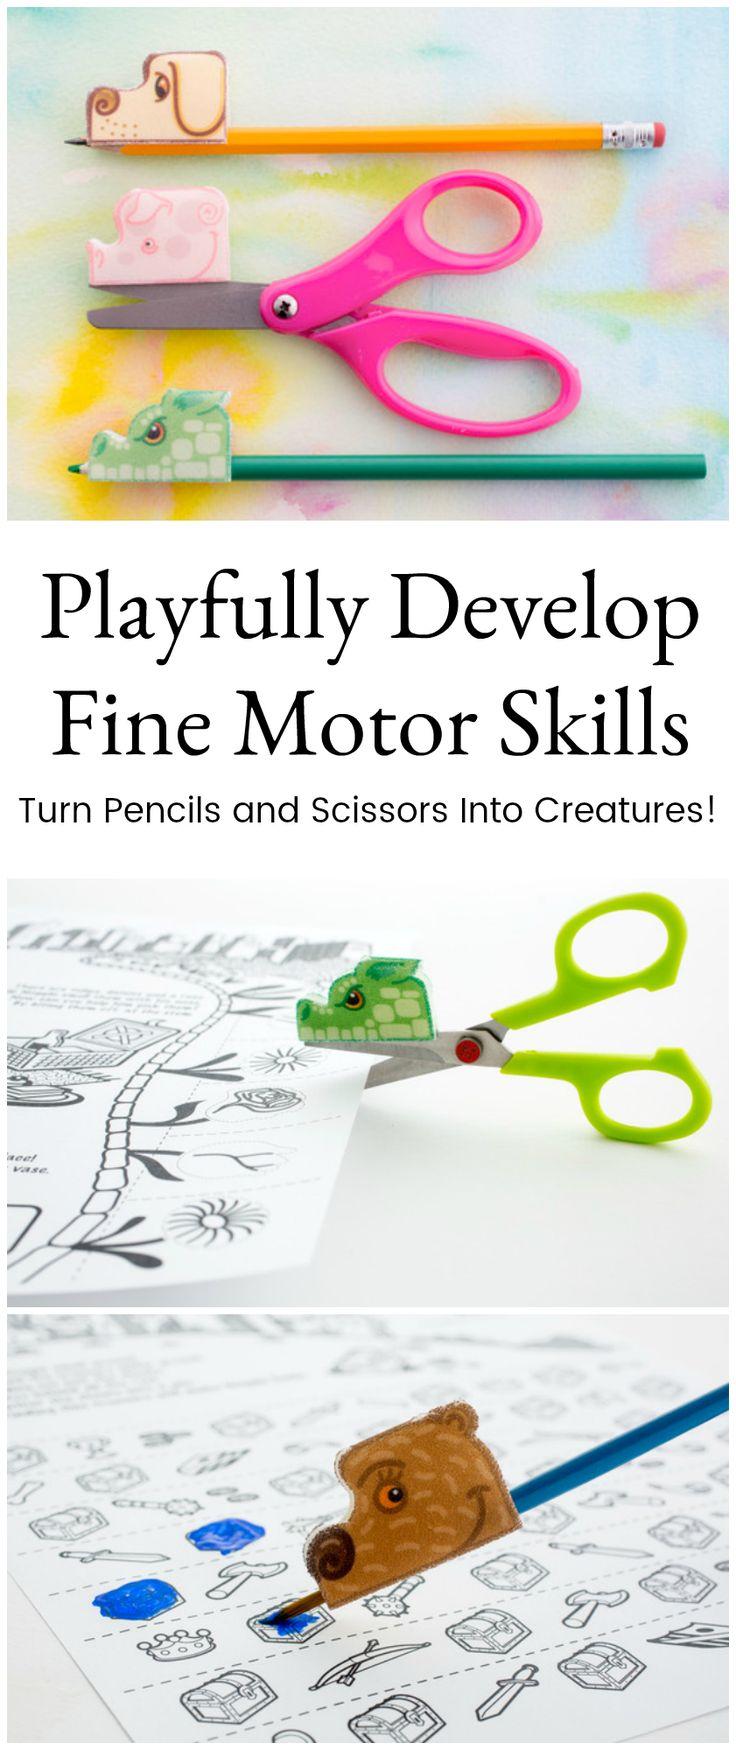 Fun Preschool Activities That Develop Fine Motor Skills ...